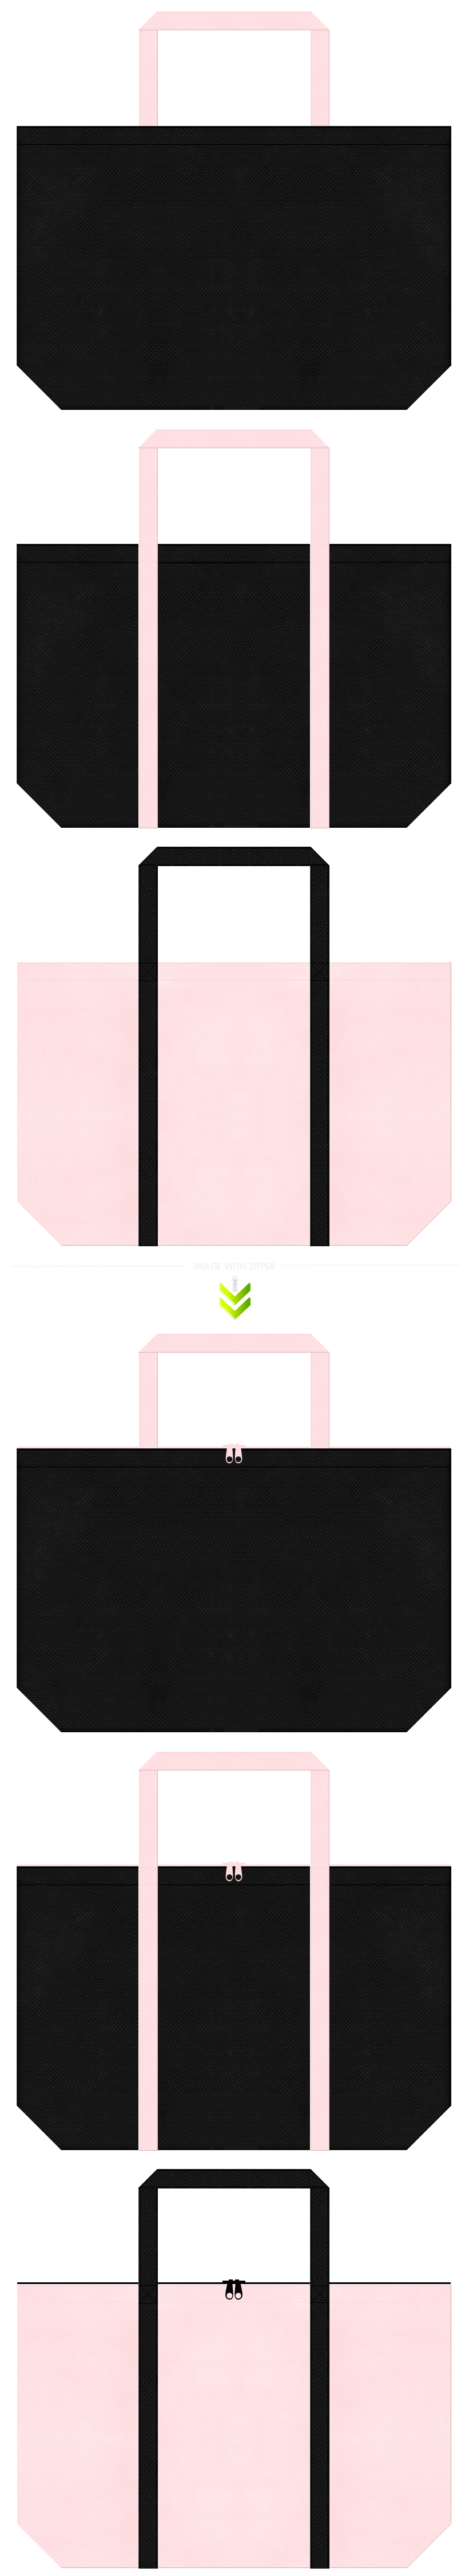 黒色と桜色の不織布エコバッグのデザイン。ゴスロリファッションにお奨めです。